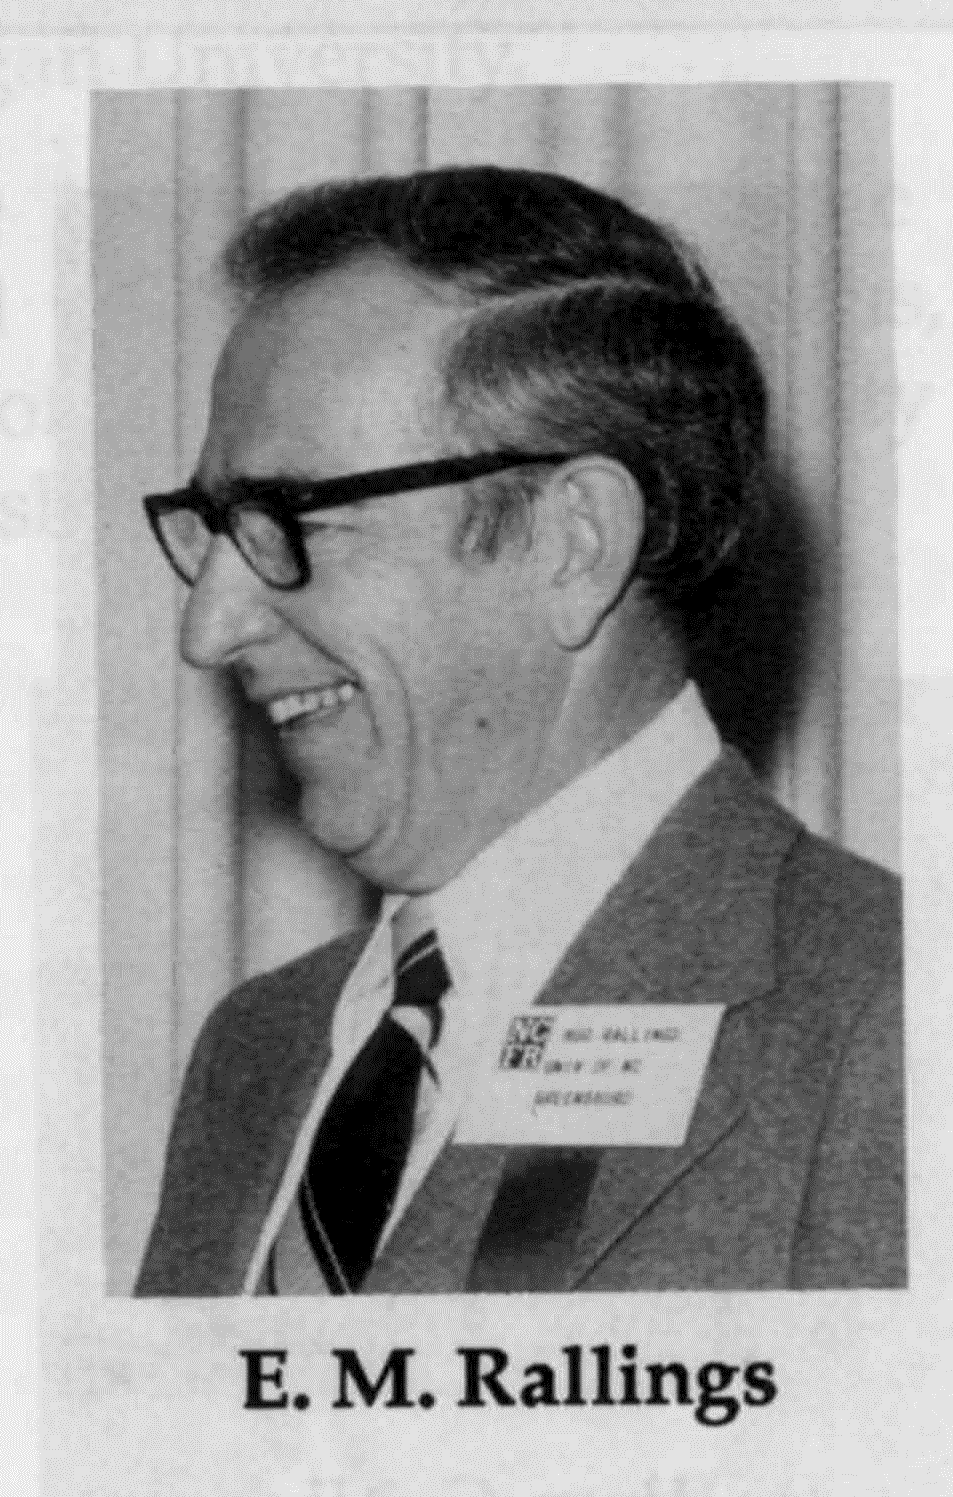 E.M. Rallings